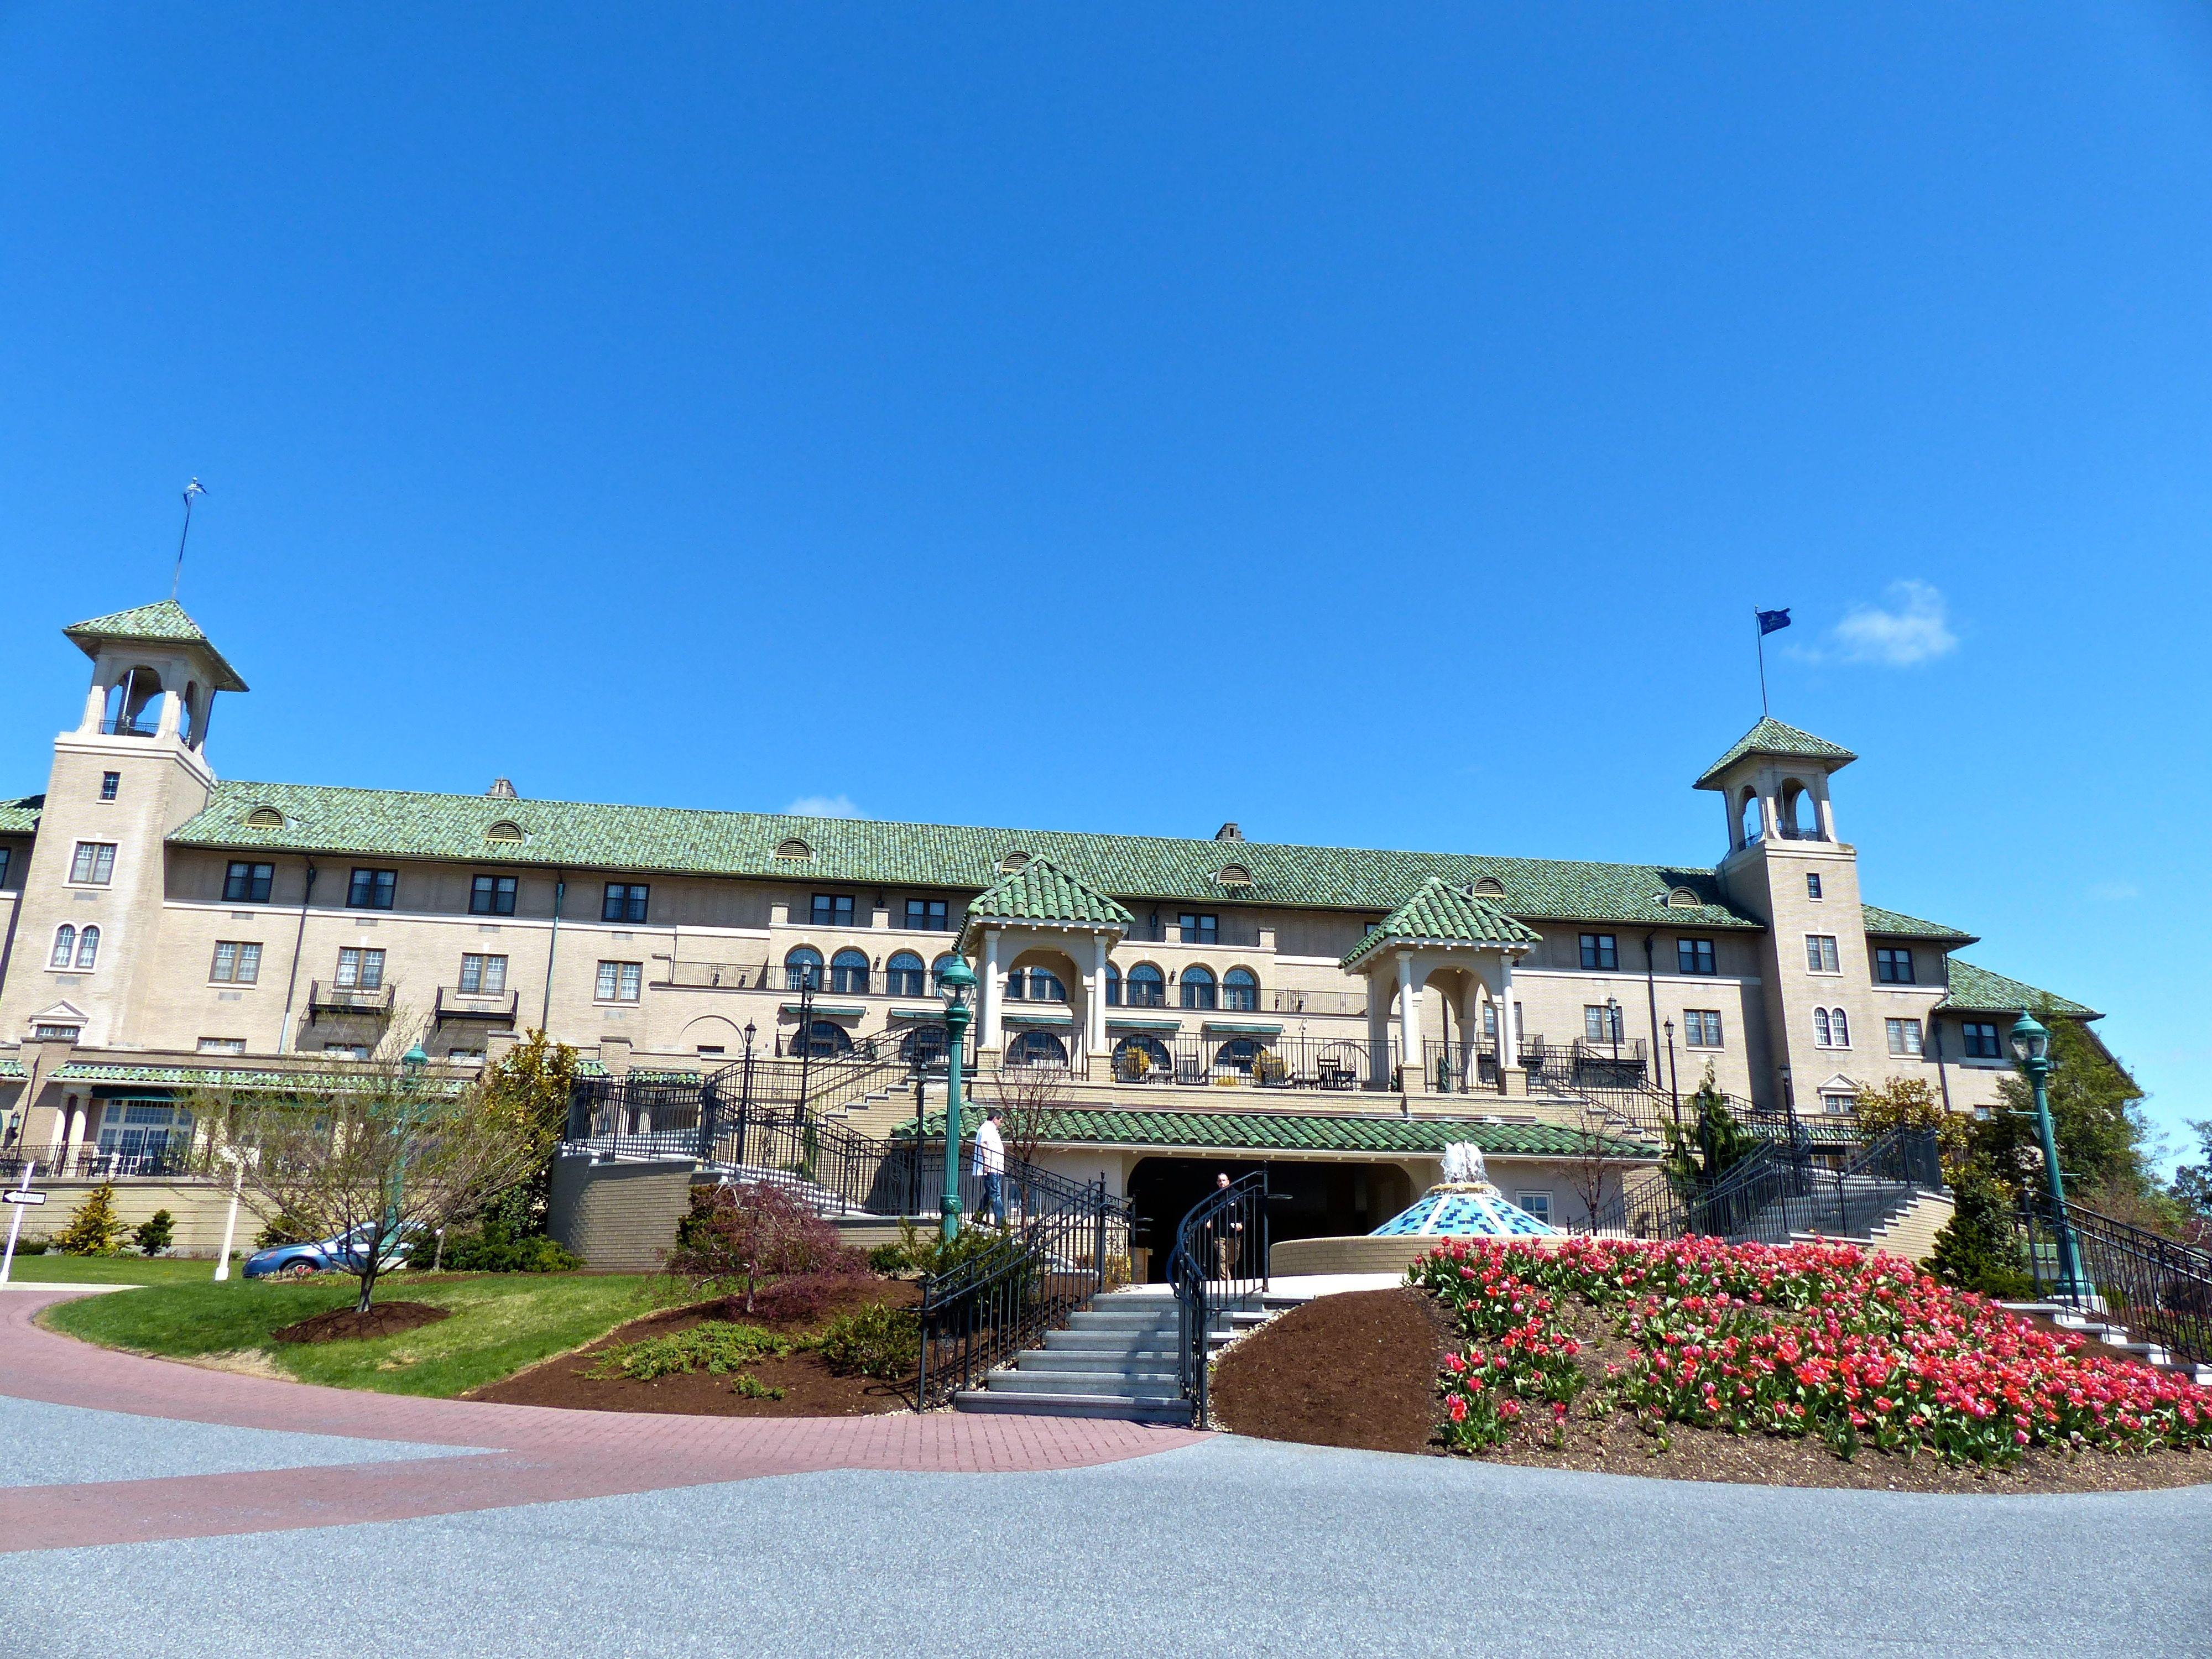 Milton Pa Picture Hotel Hershey Turndown Jpg Packedsuitcase Penn State Medical Cen Nndc Org